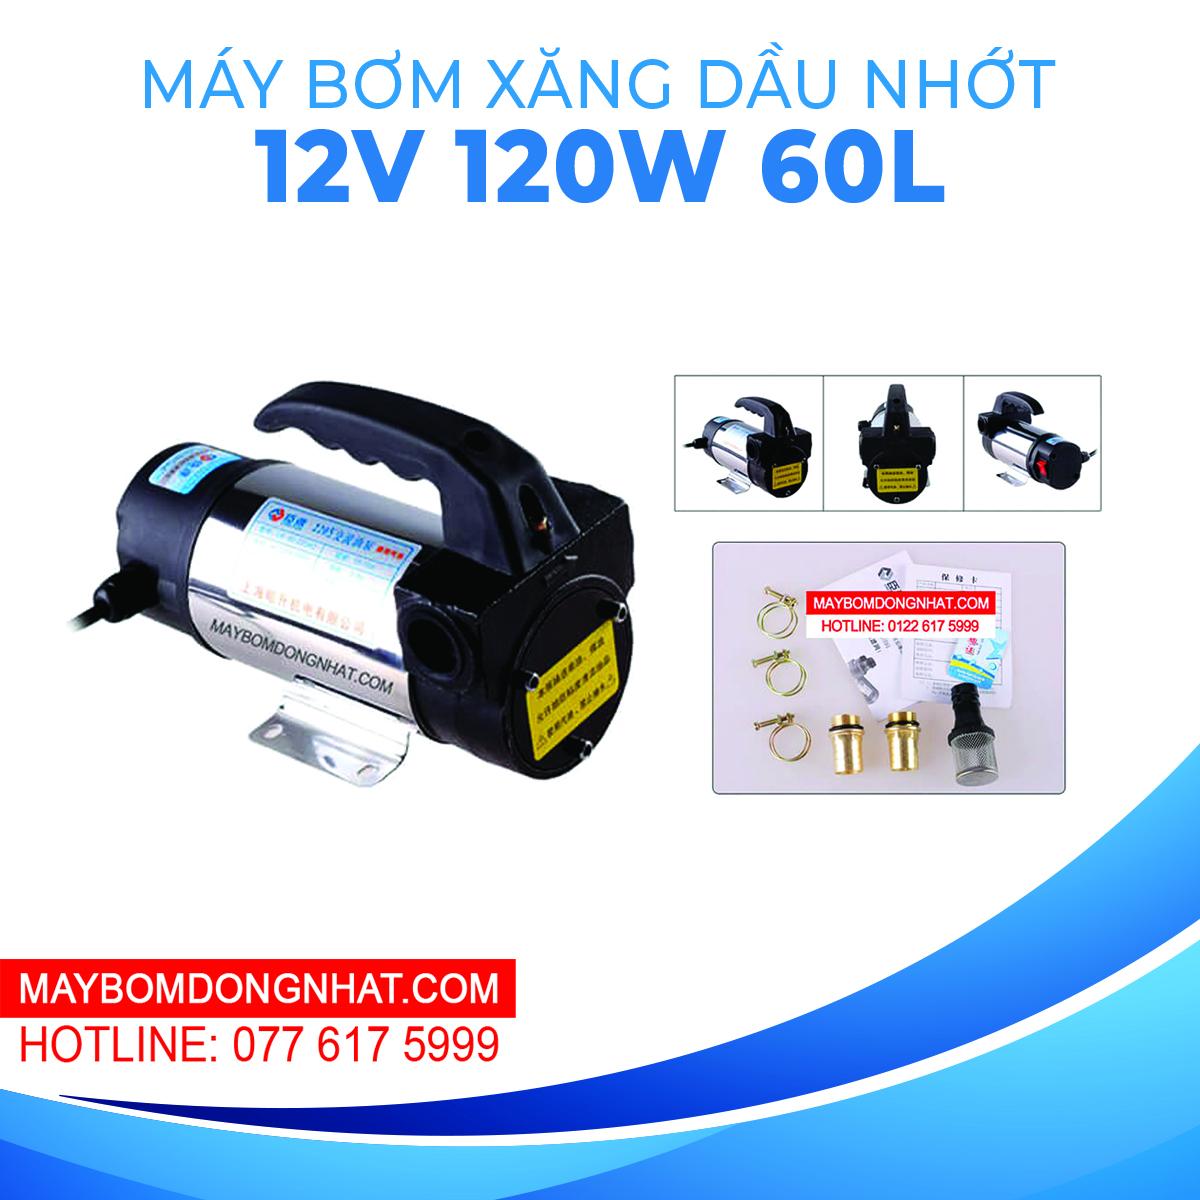 Máy bơm xăng dầu nhớt 12V 120W 60L